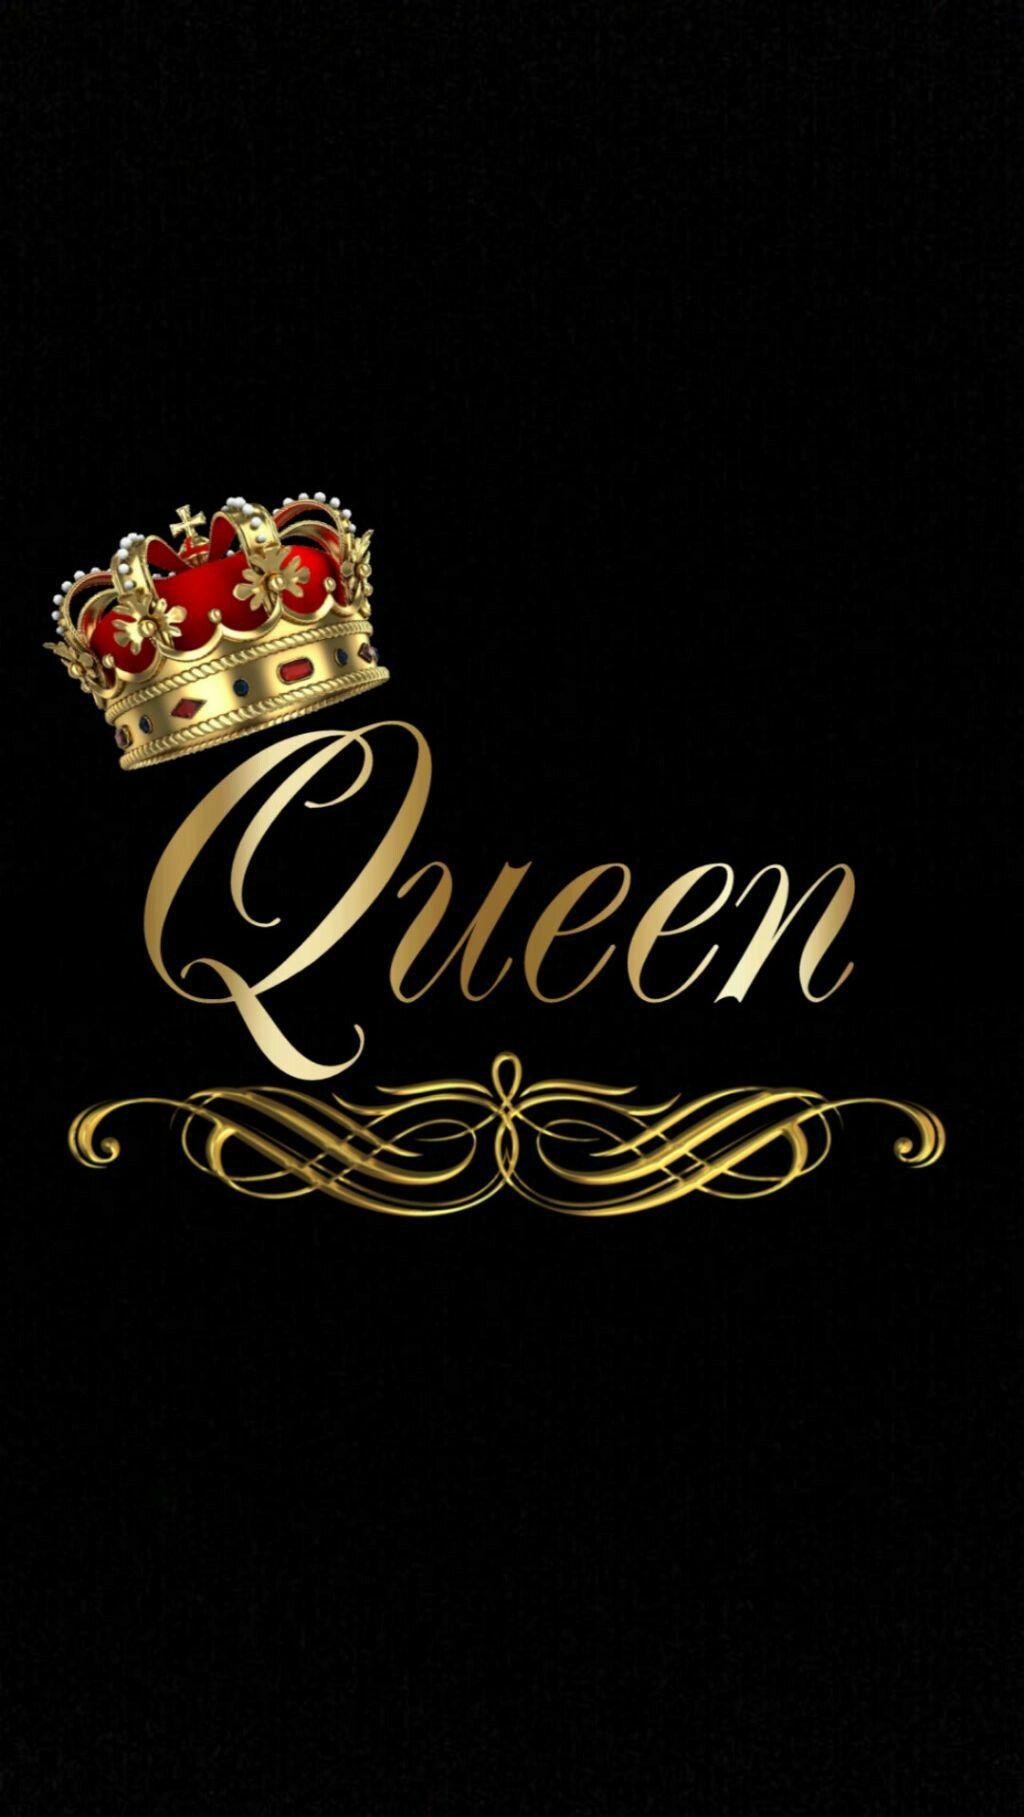 Wallpaper Queen Queen Wallpaper Crown Pink Queen Wallpaper Queens Wallpaper